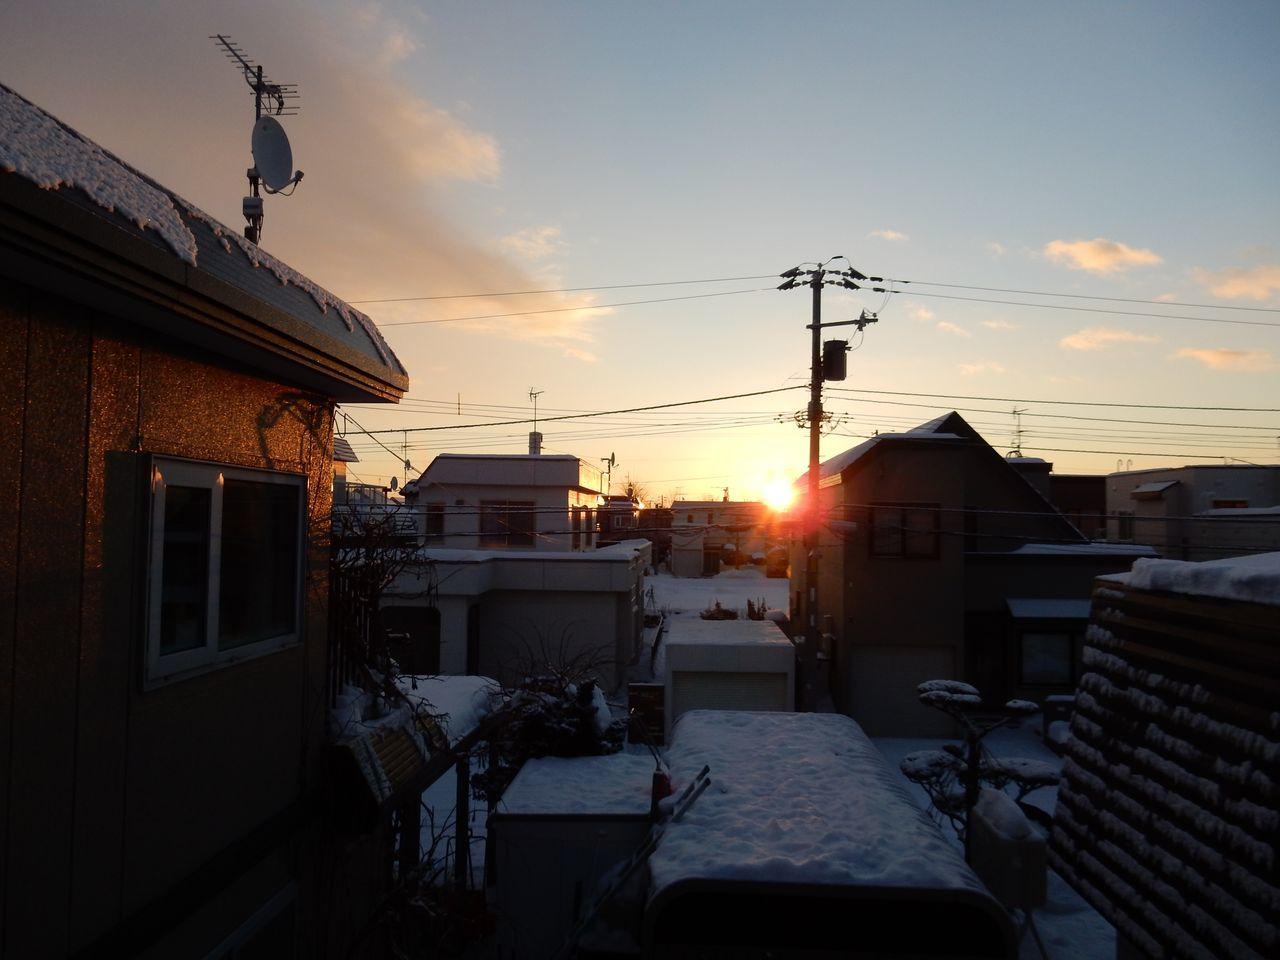 太陽に勝った朝_c0025115_22130182.jpg